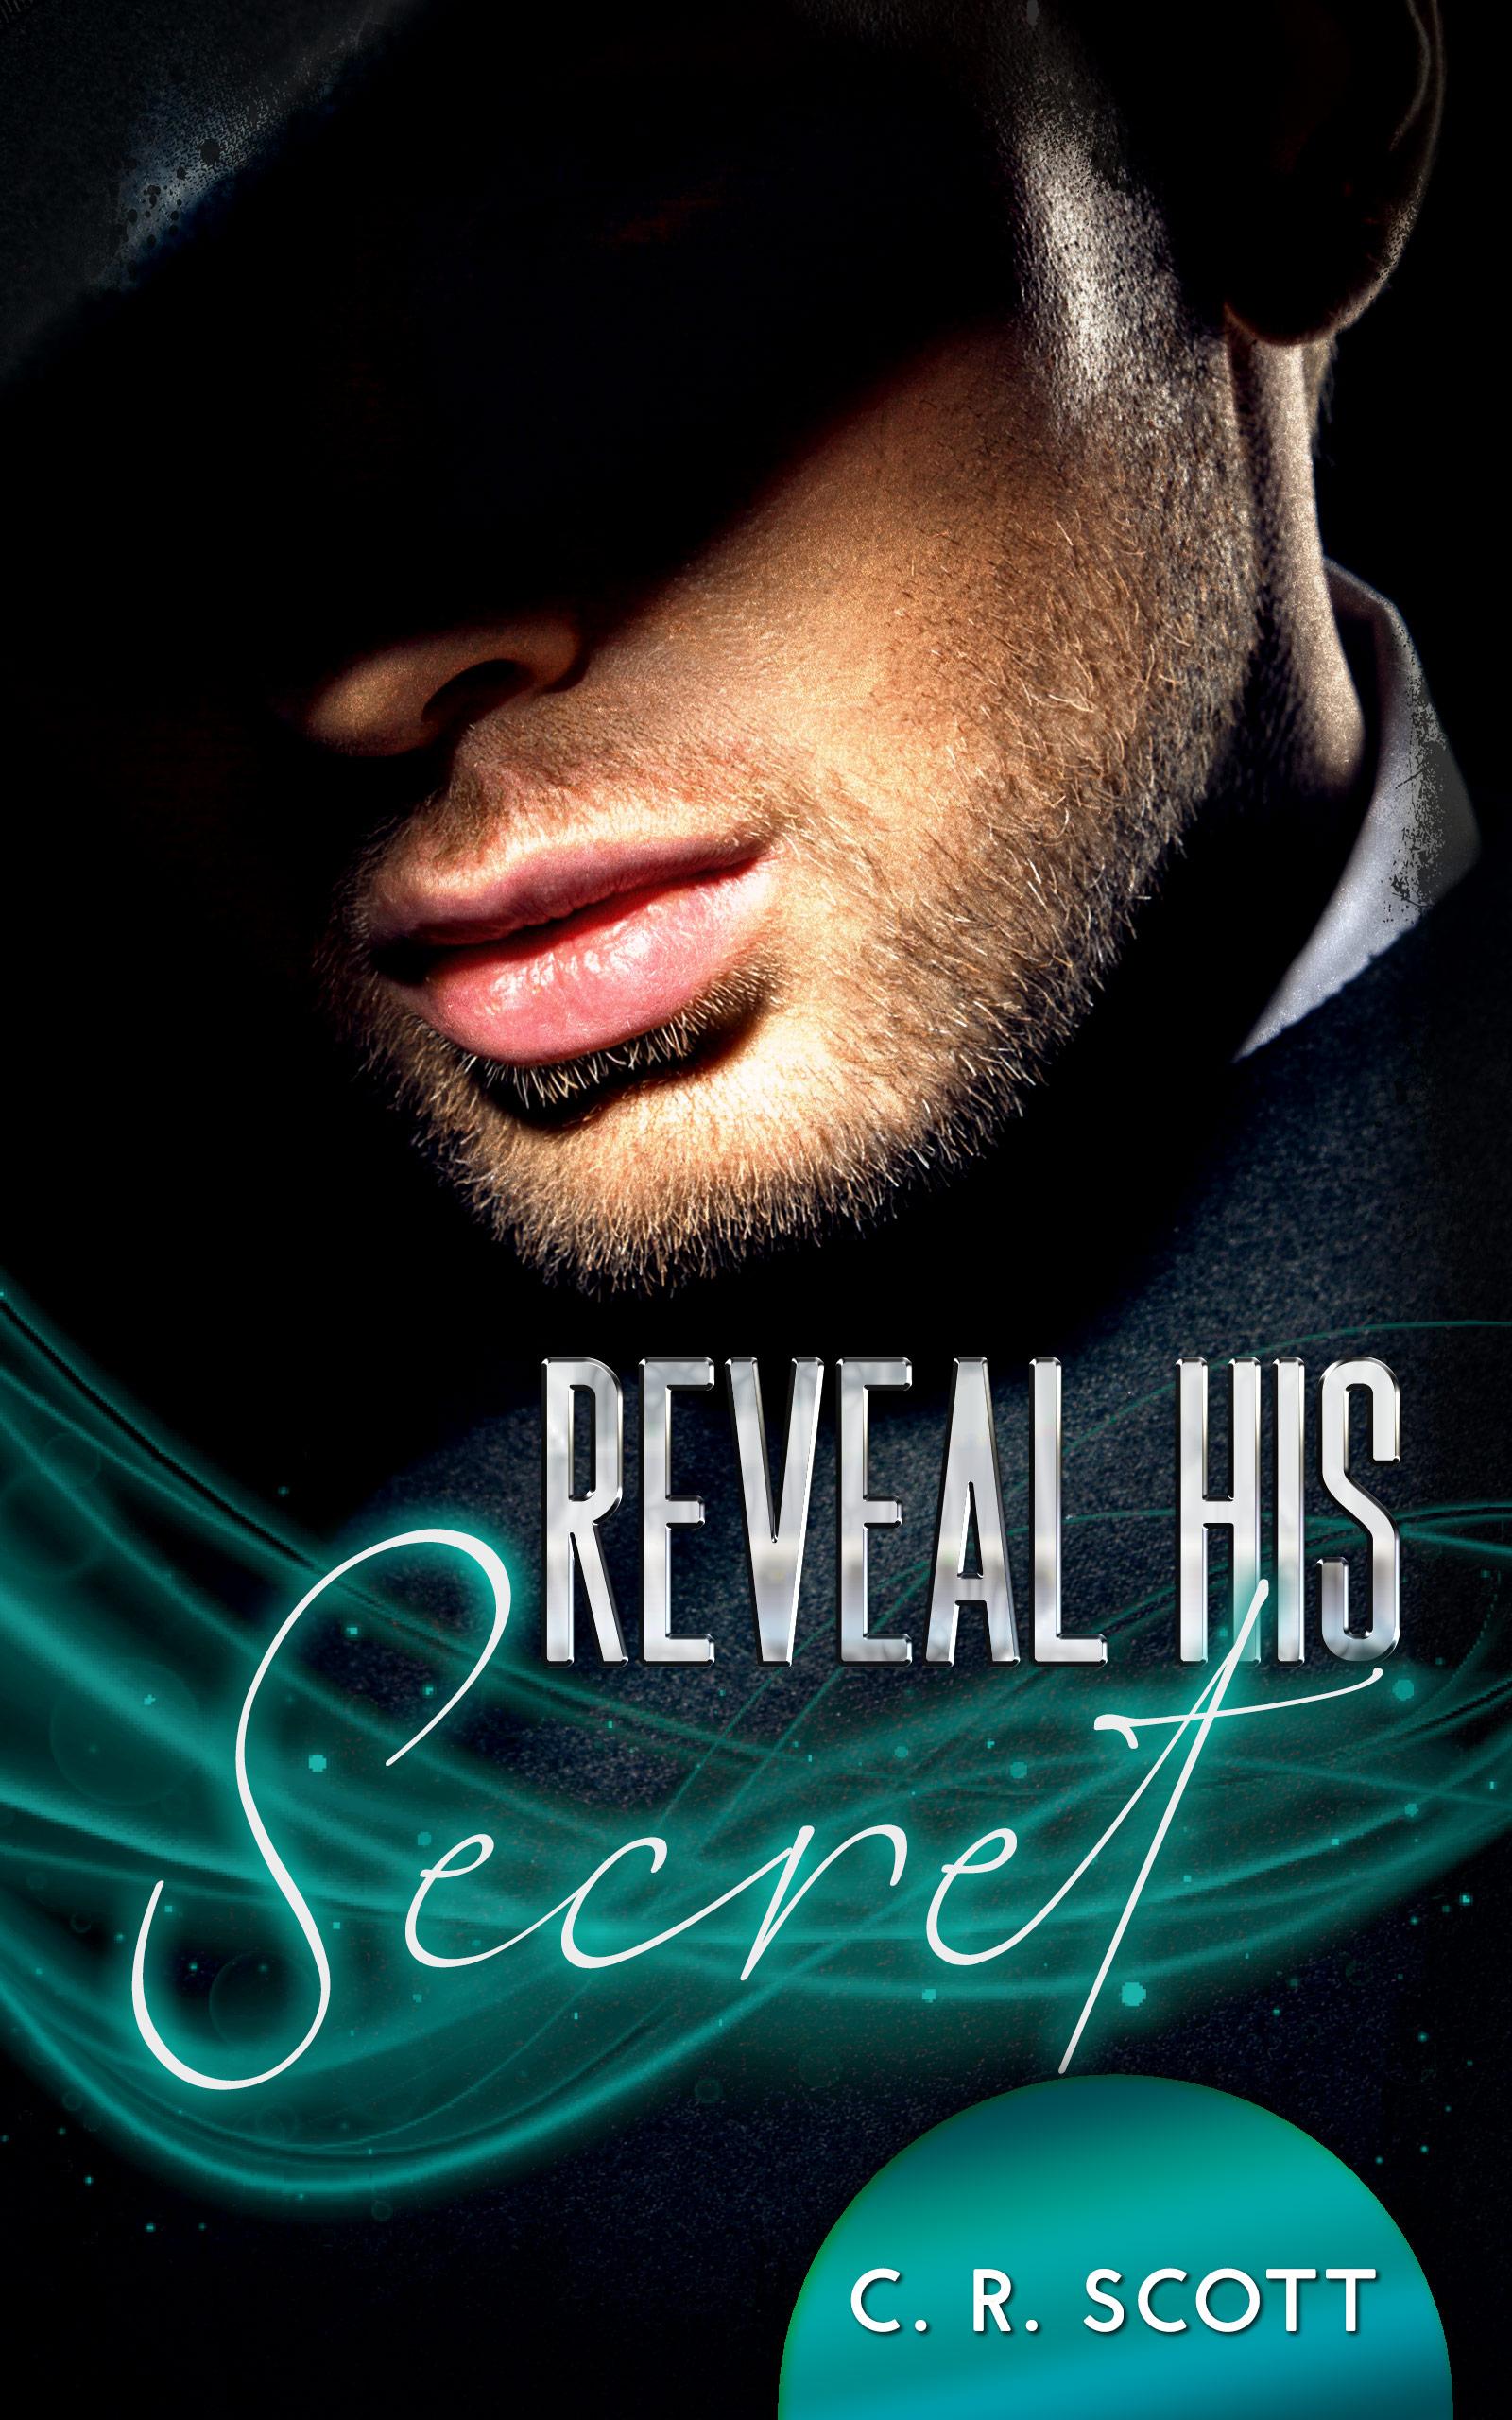 C. R. Scott – Reveal his Secret